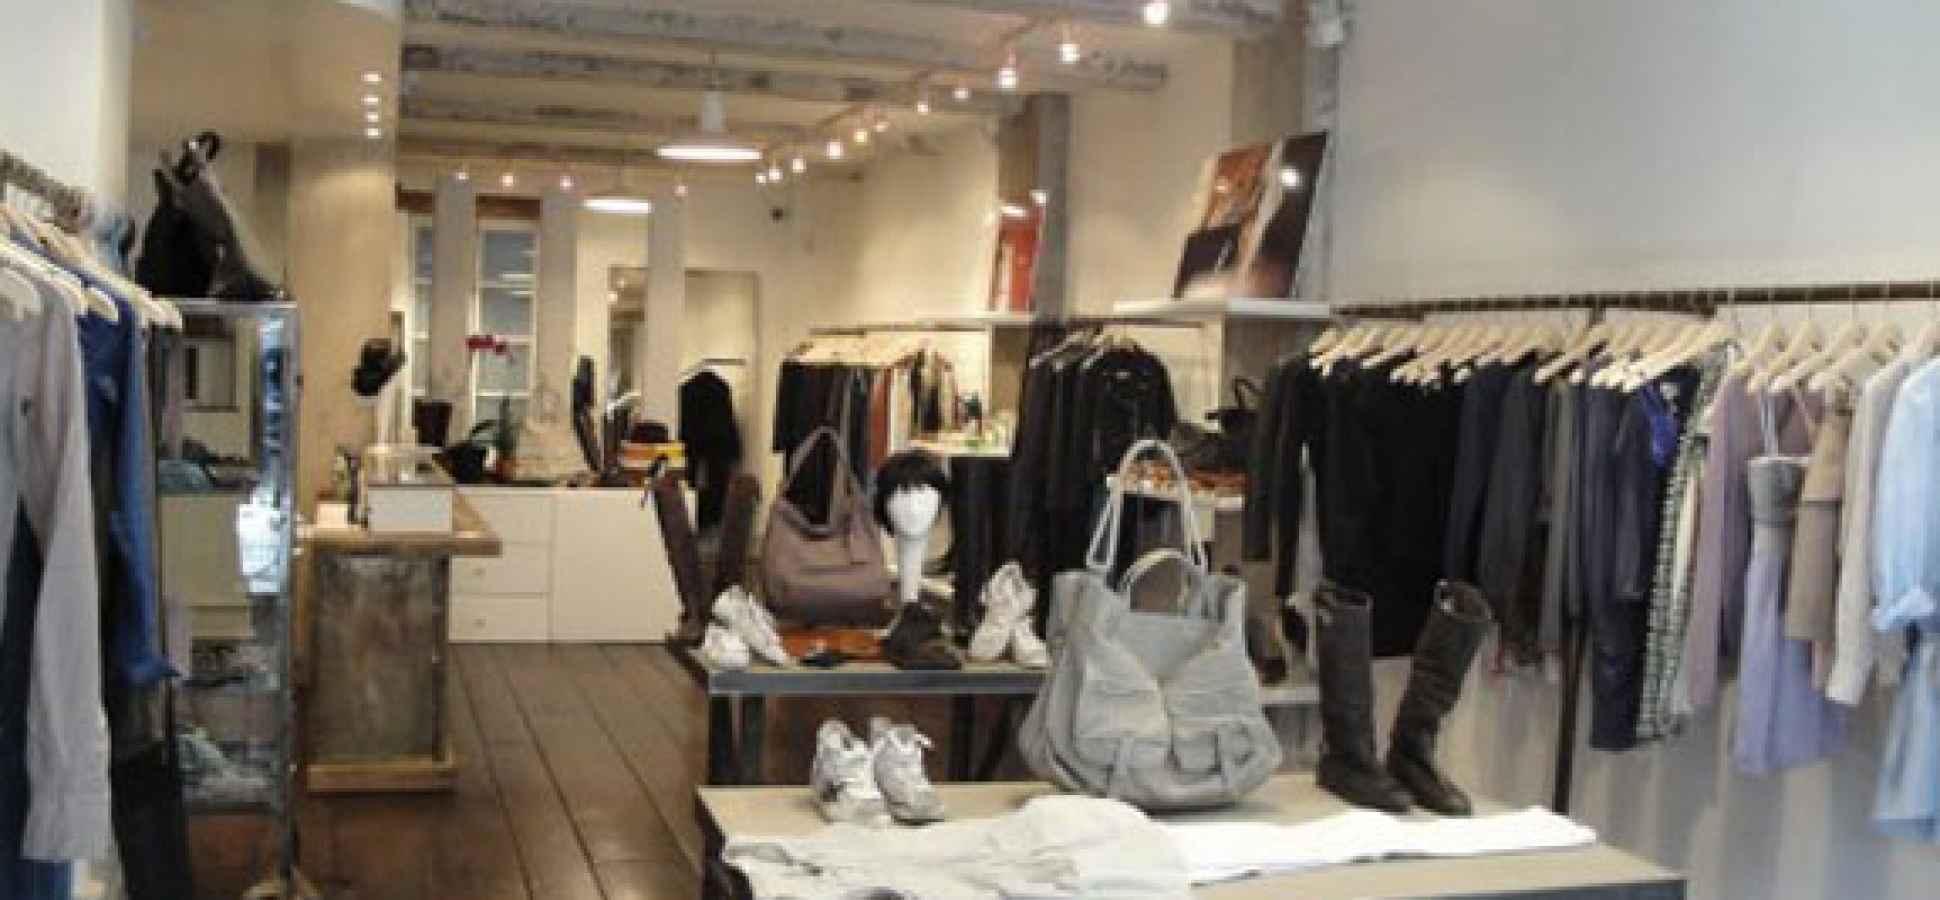 The Secret to Retail Store Profitability | Inc com